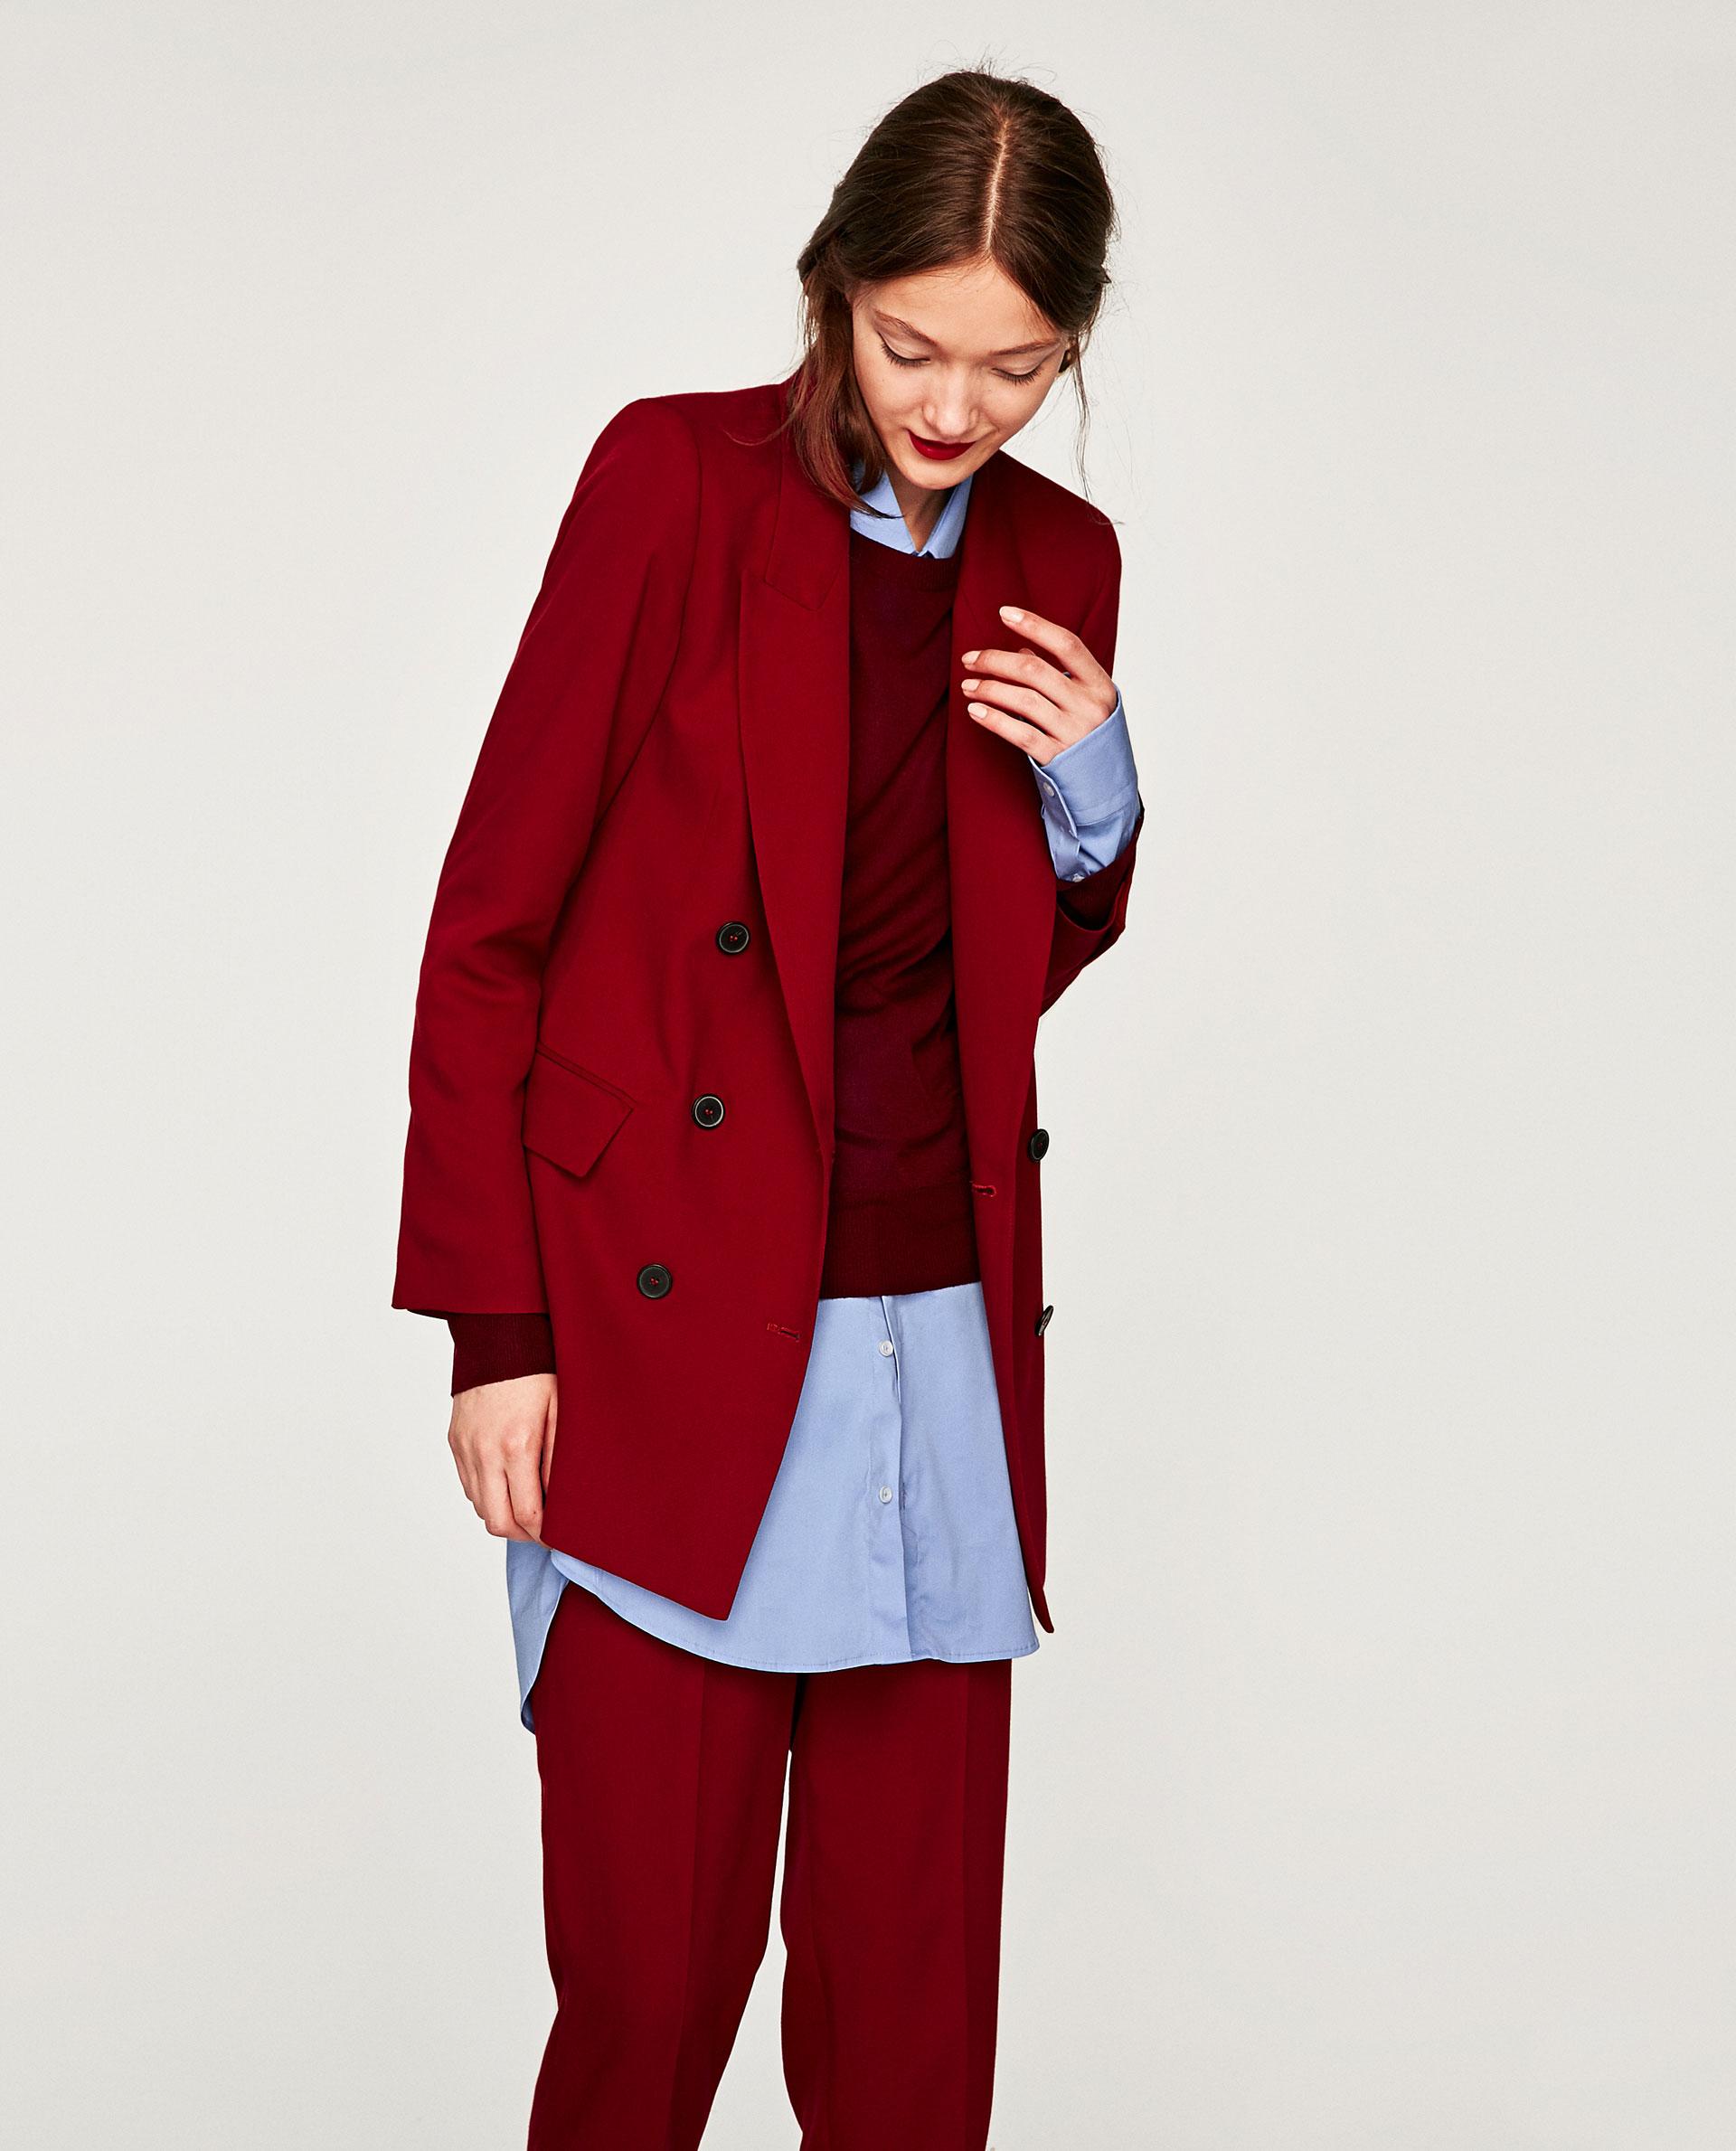 <a href='https://www.zara.com/hu/en/woman/blazers/flowy-double-breasted-jacket-c756615p4997505.html' target='_blank' rel='noopener noreferrer'>Zara</a></p>